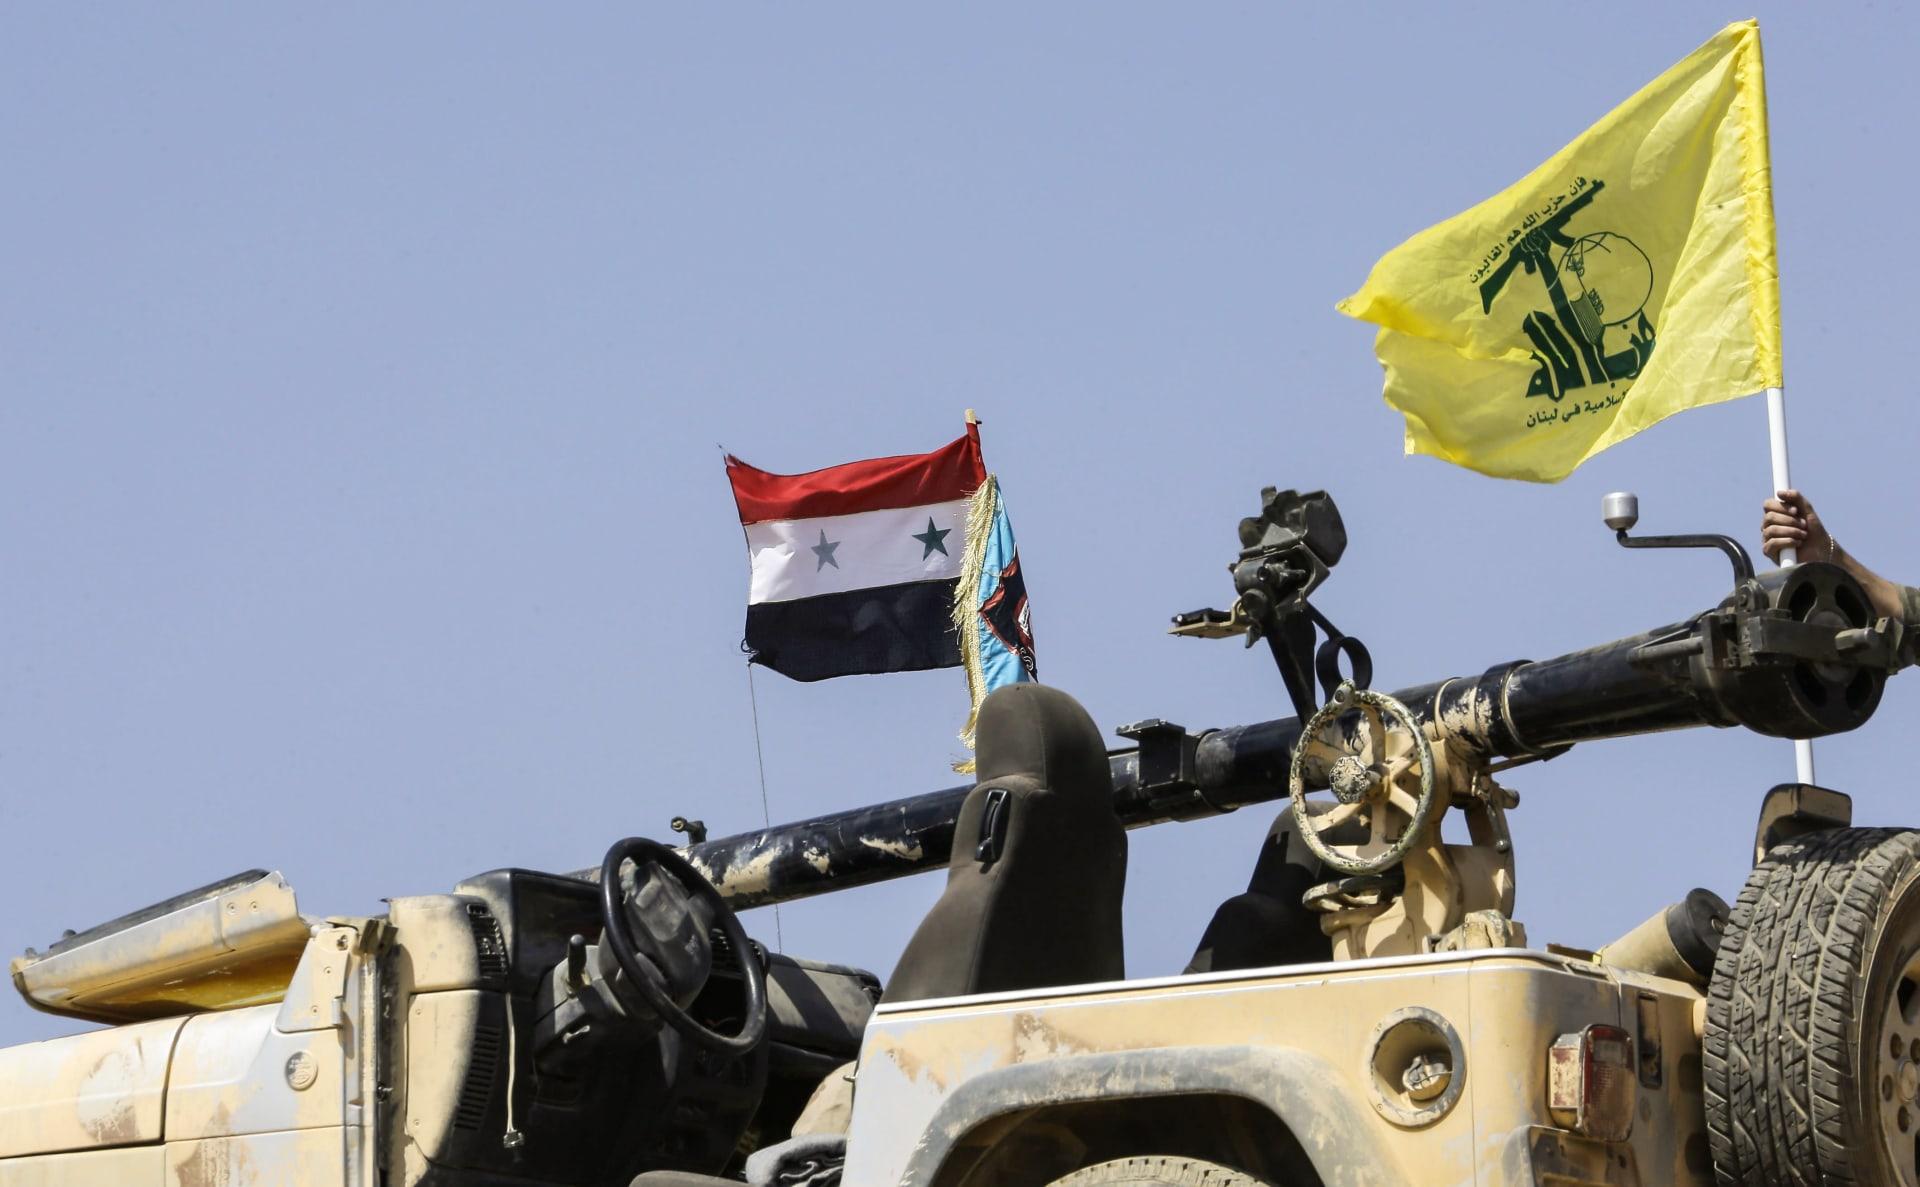 جنرال أمريكي: الحرس الثوري وحزب الله بات بمقدورهما تغيير مسار صراعات المنطقة